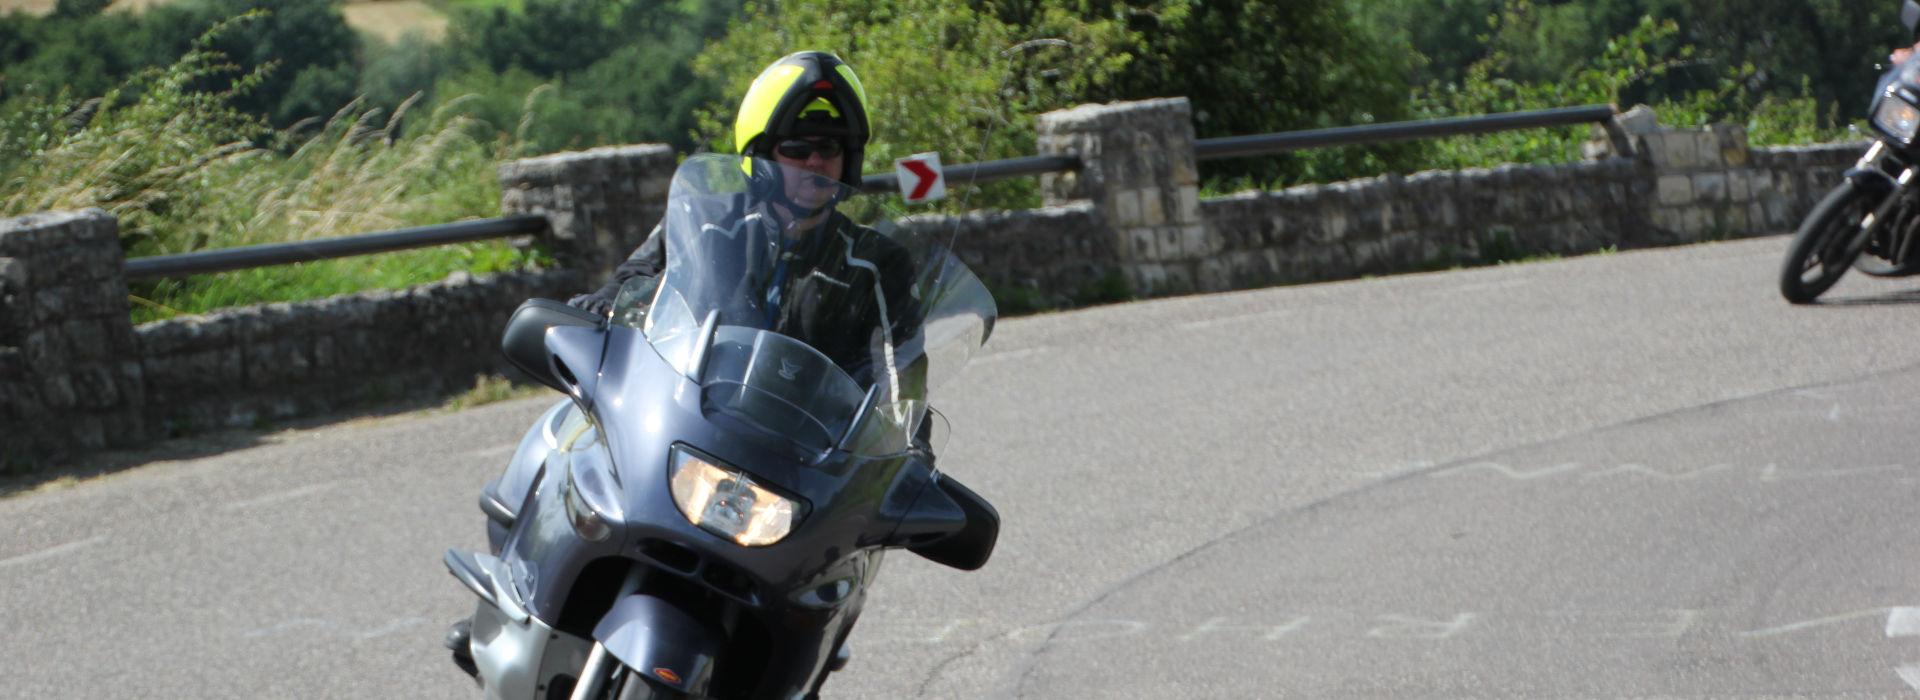 Motorrijbewijspoint Maarssen snel motorrijbewijs halen